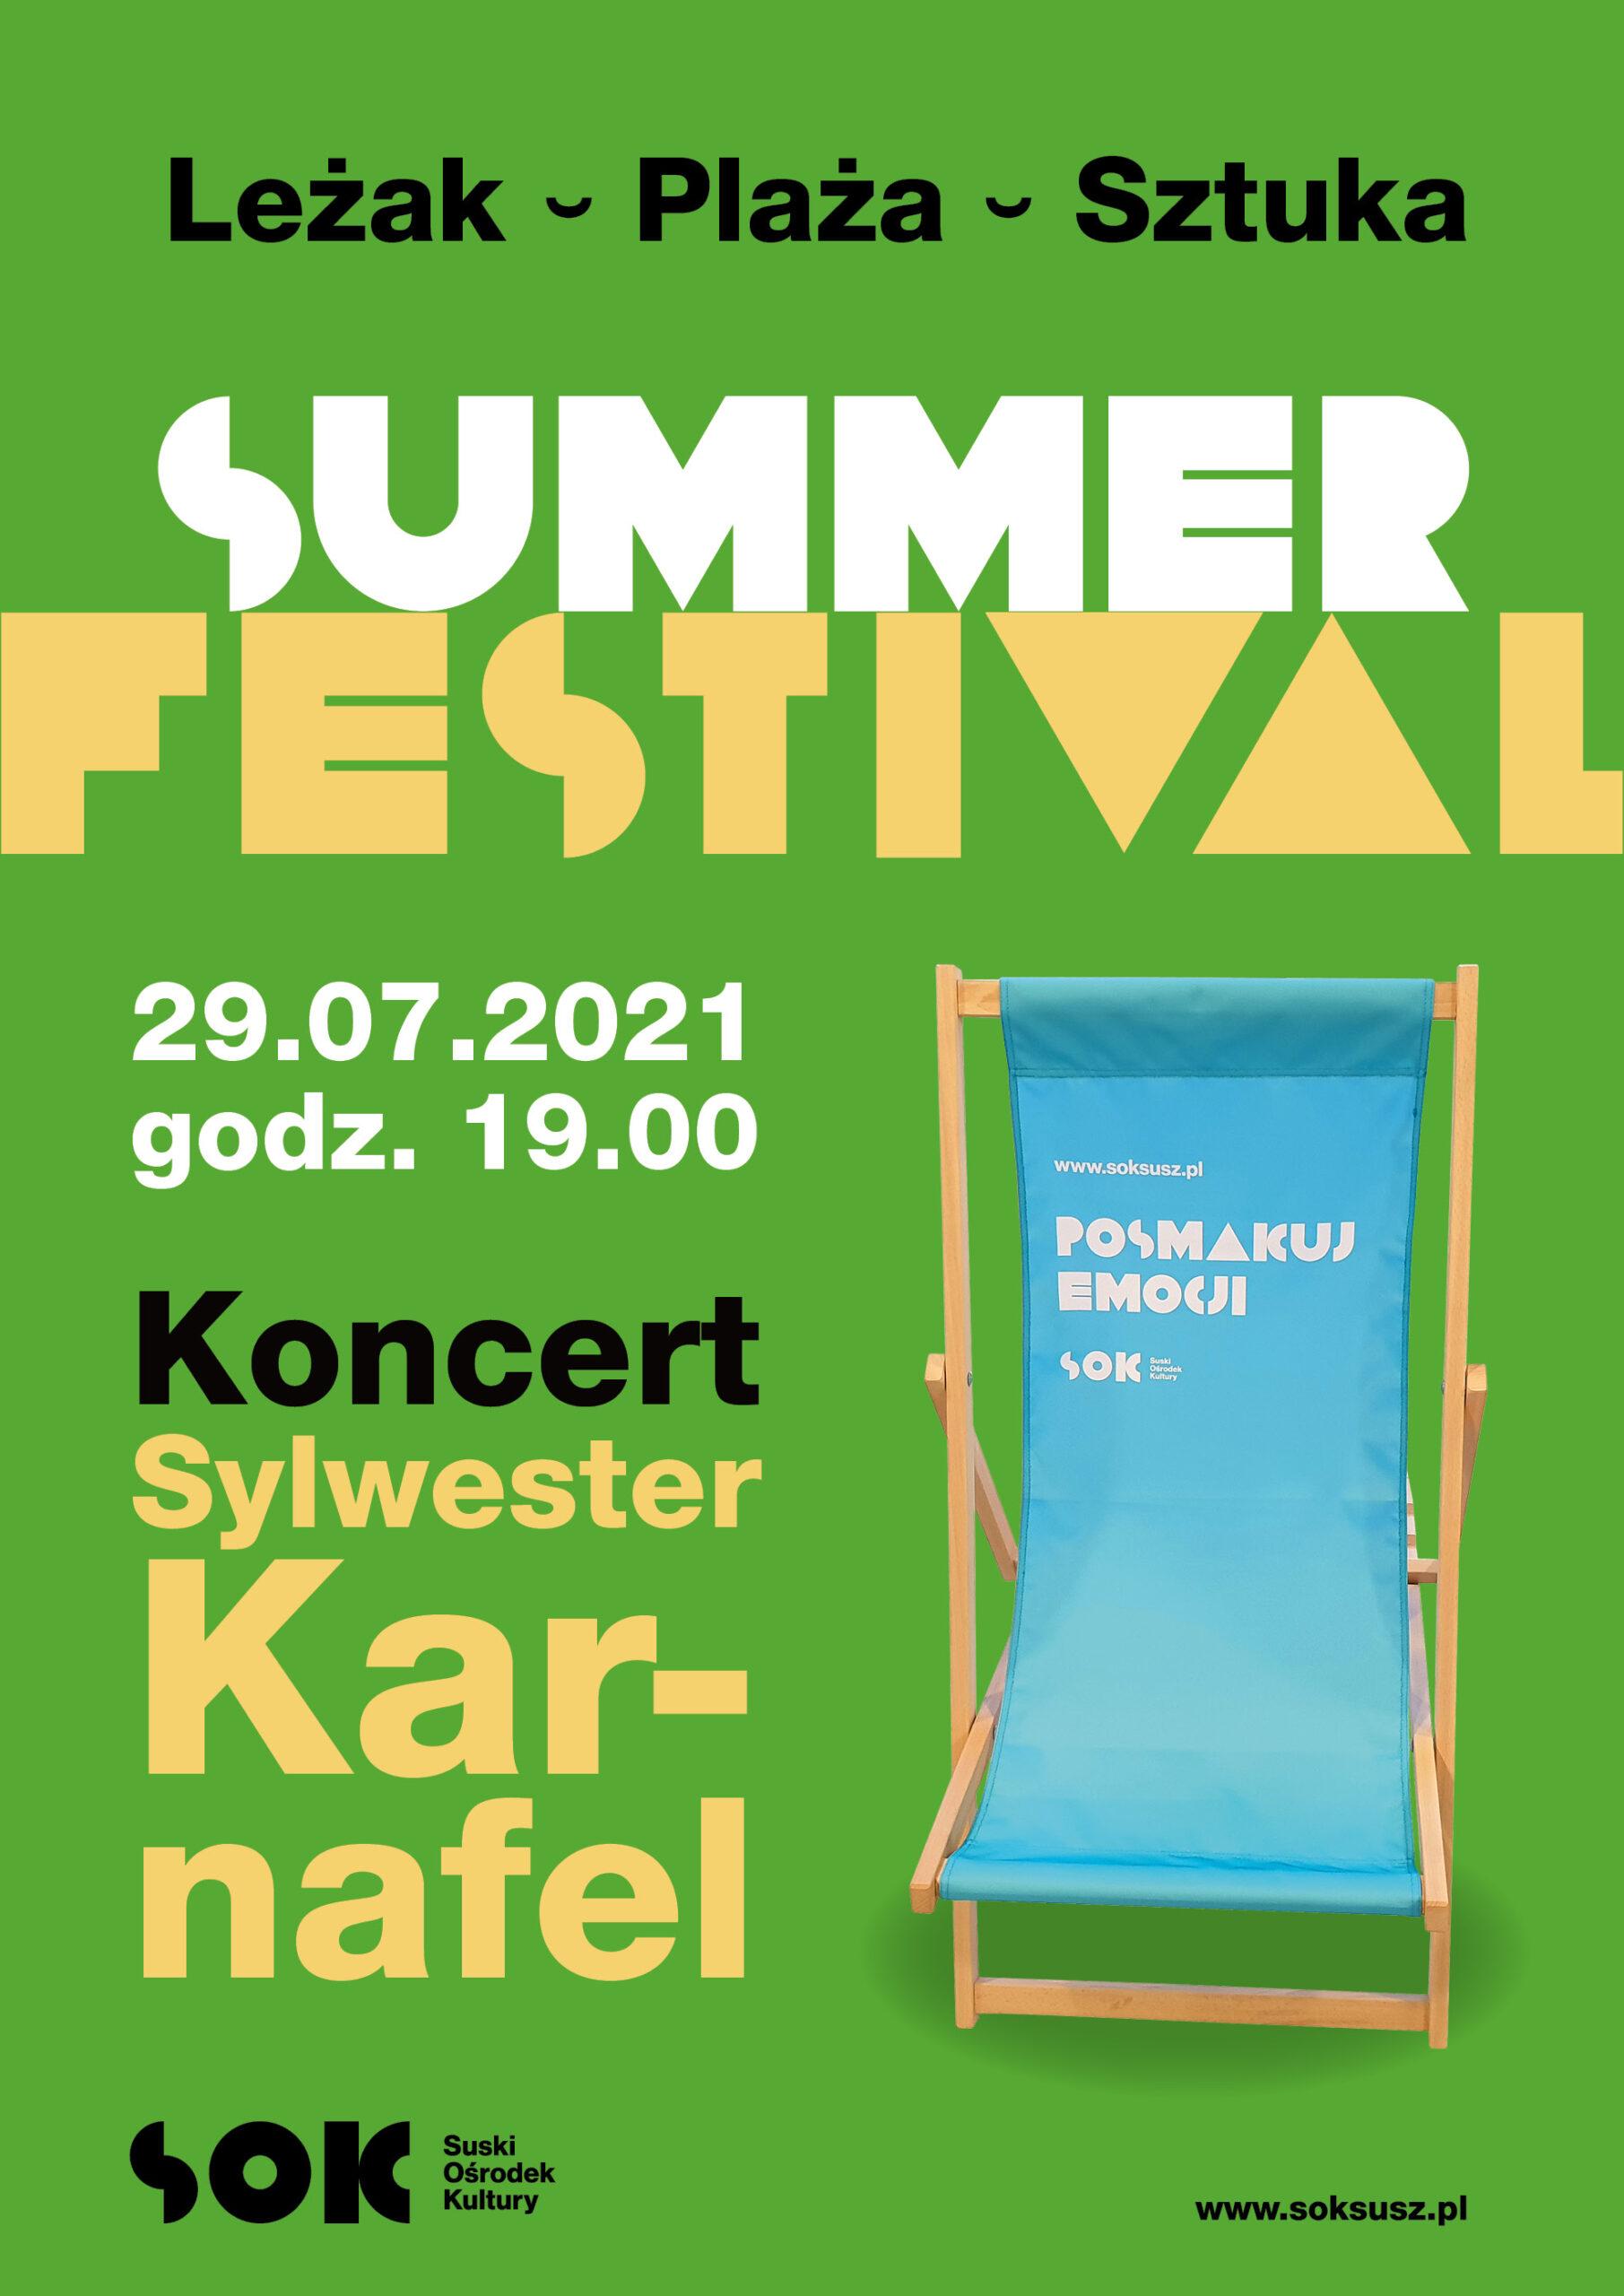 Sylwester Karnafel / Summer Festival / 29.07 19:00 Koncert